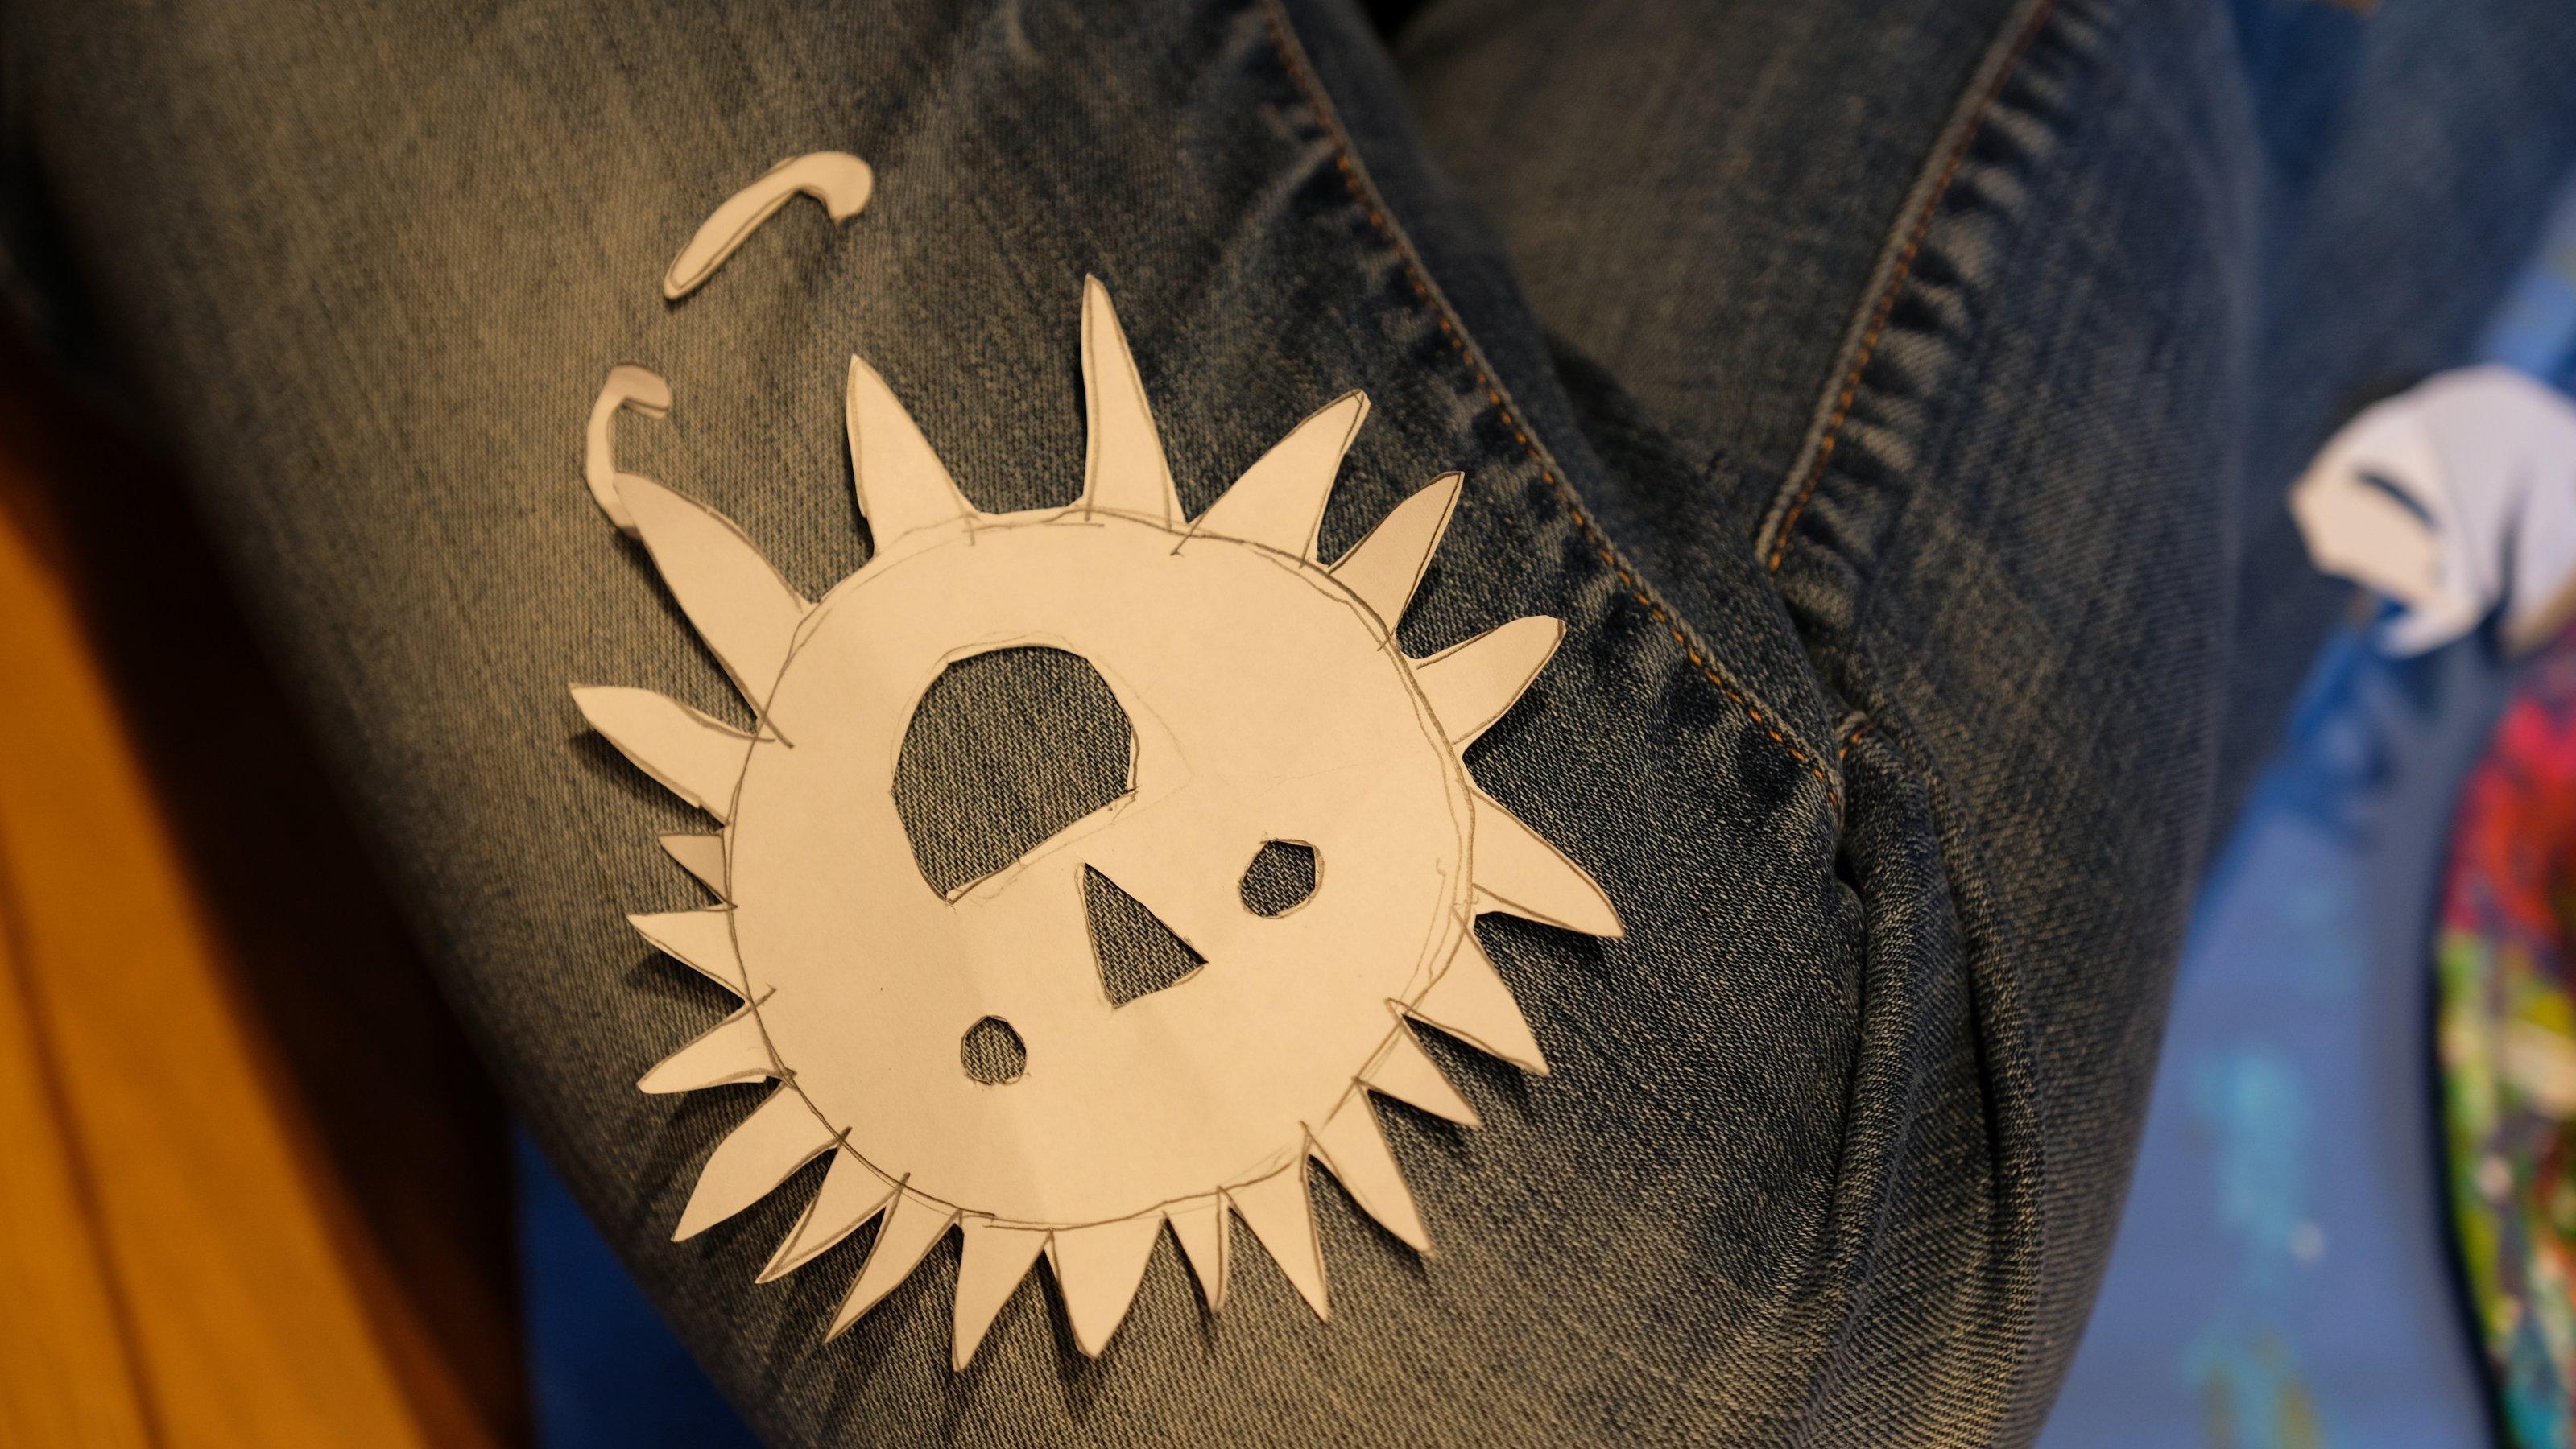 Man sieht nur das angewinkelte Knie von Irma in einer Jeans. Darauf liegt eine ausgeschnittene Sonne mit Augen und Mund.